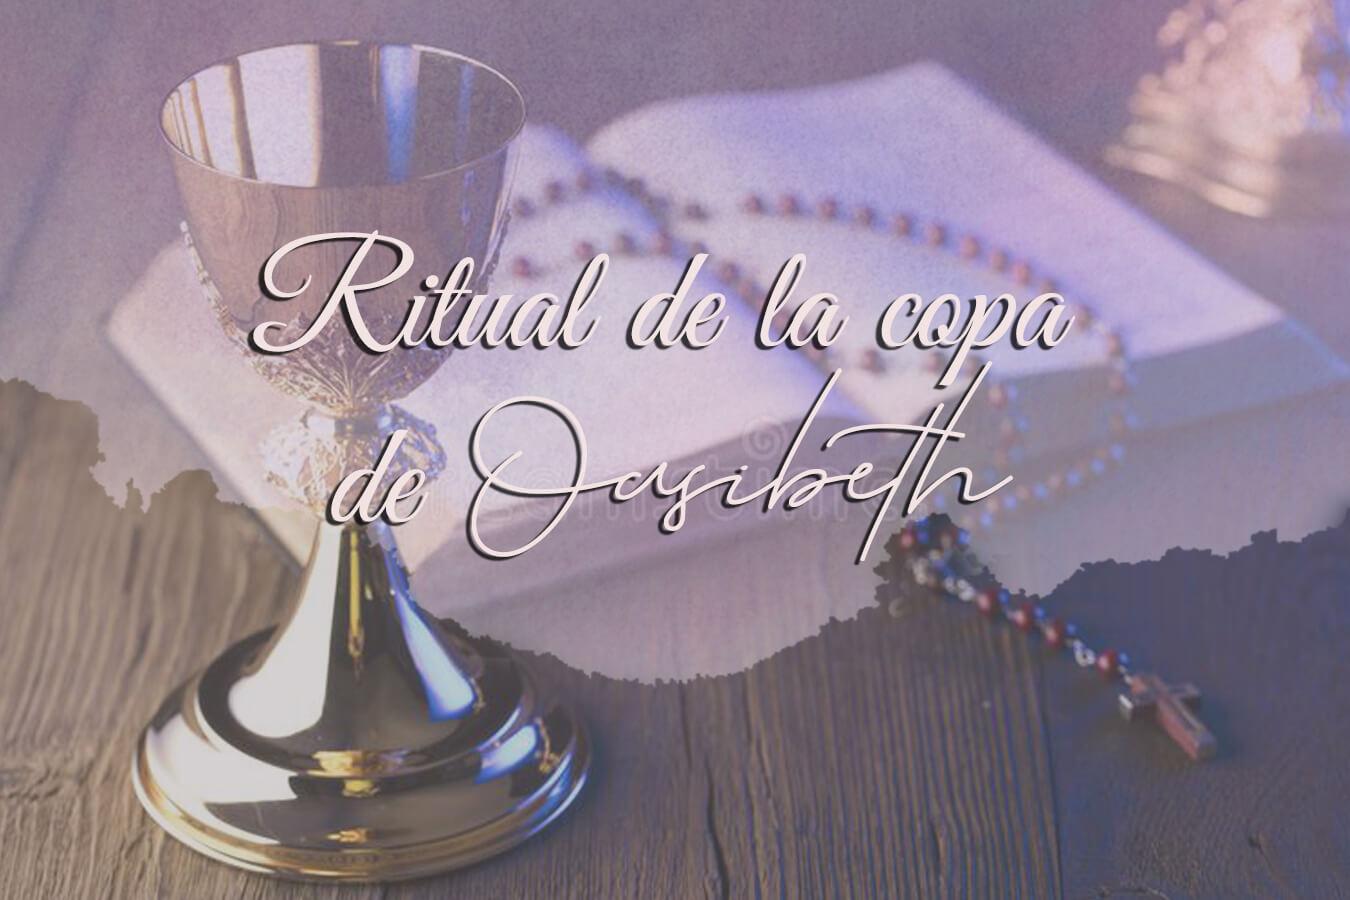 Ritual de la copa de Oasibeth